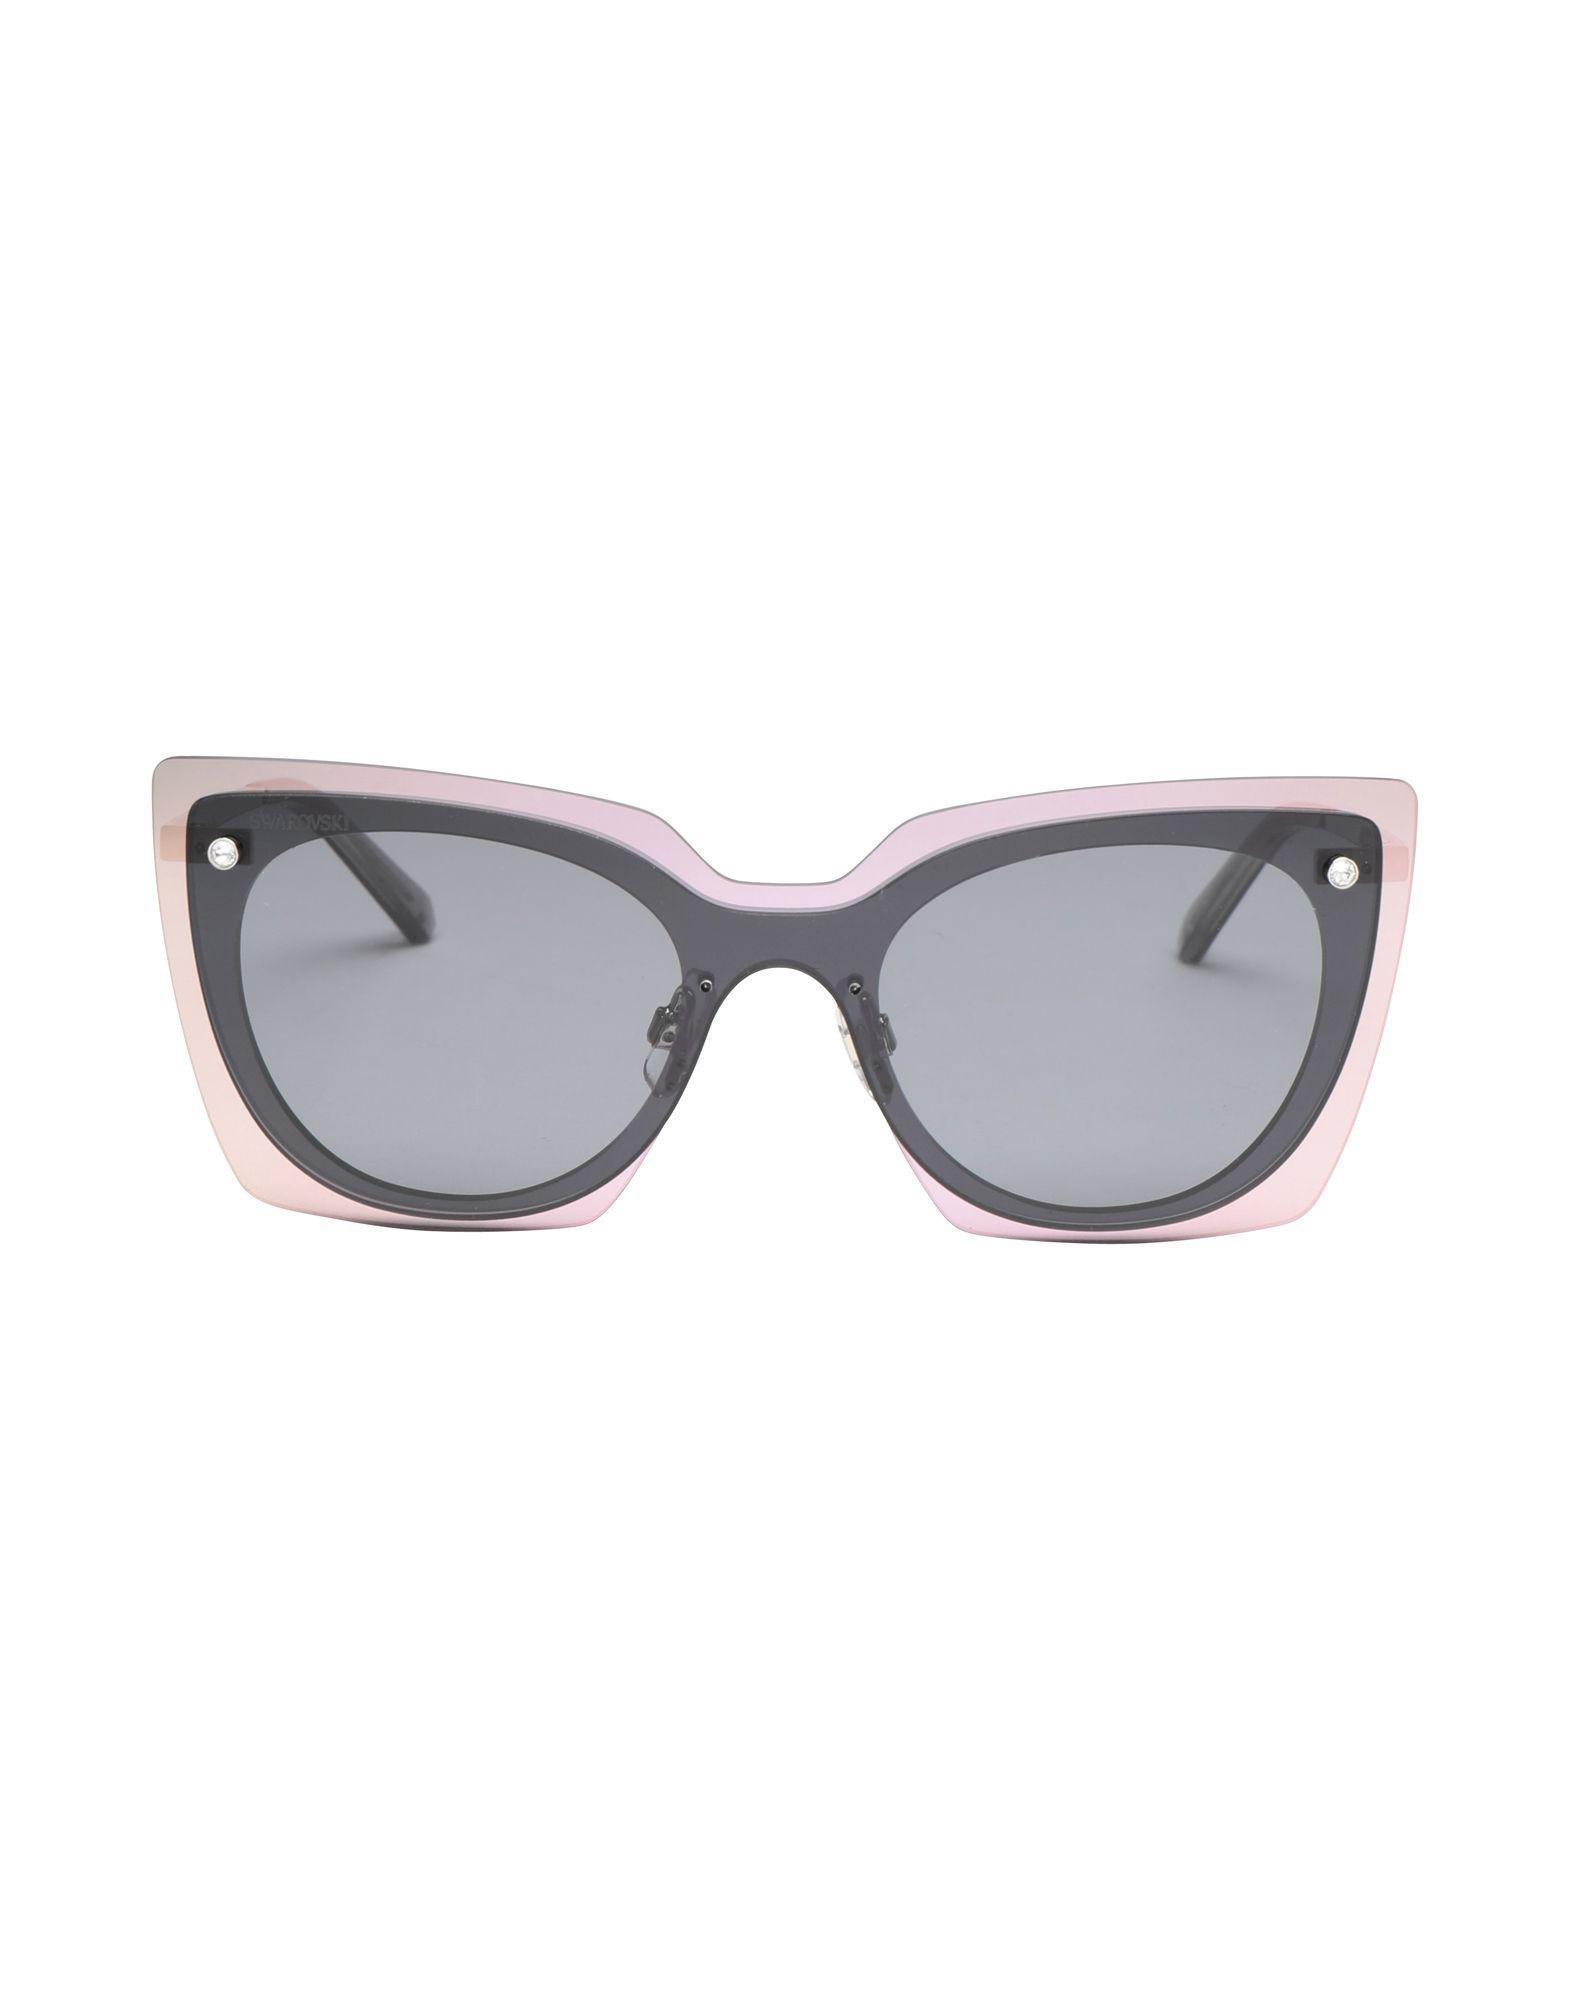 541e08d276 Swarovski Sunglasses in Black - Lyst